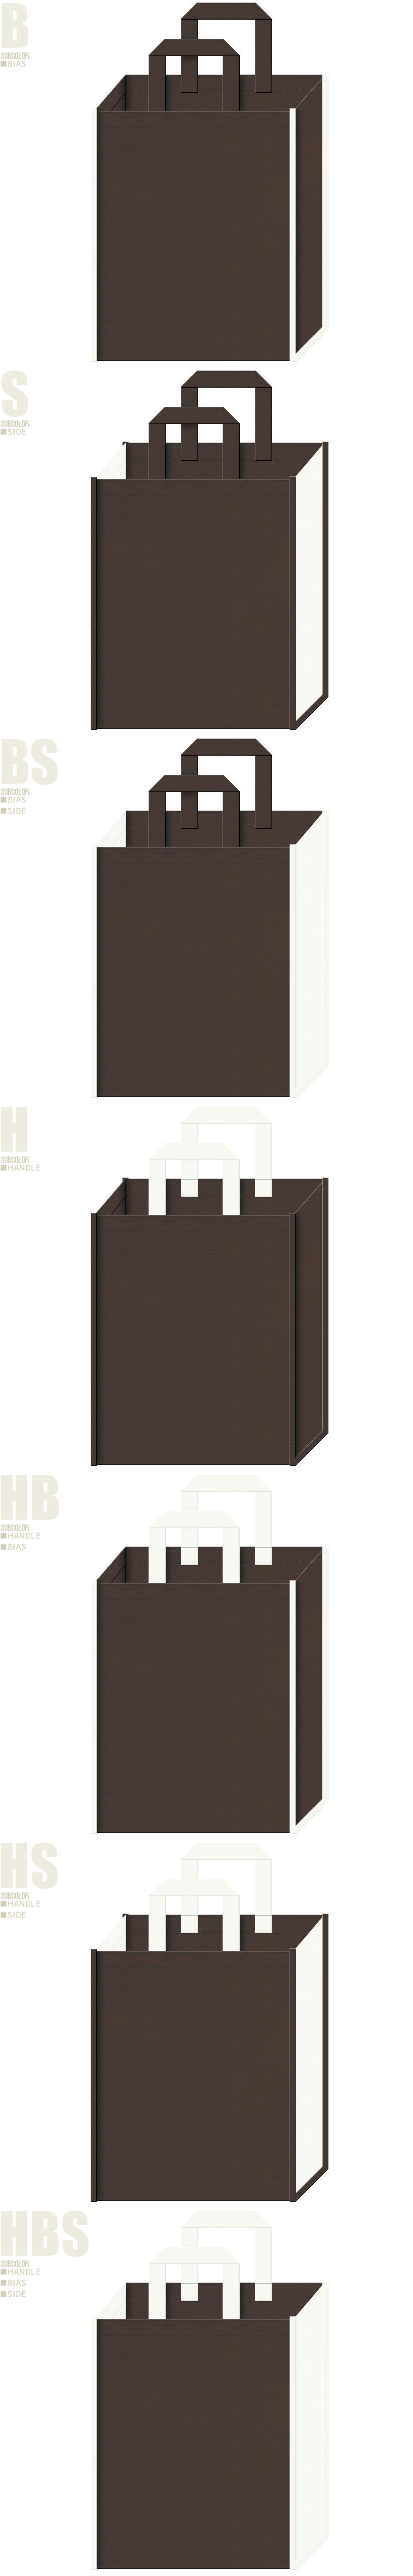 カフェ什器・店舗インテリアの展示会用バッグ、オフィスビル・マンションの資料配布用バッグにお奨めです。こげ茶色とオフホワイト色、7パターンの不織布トートバッグ配色デザイン例。